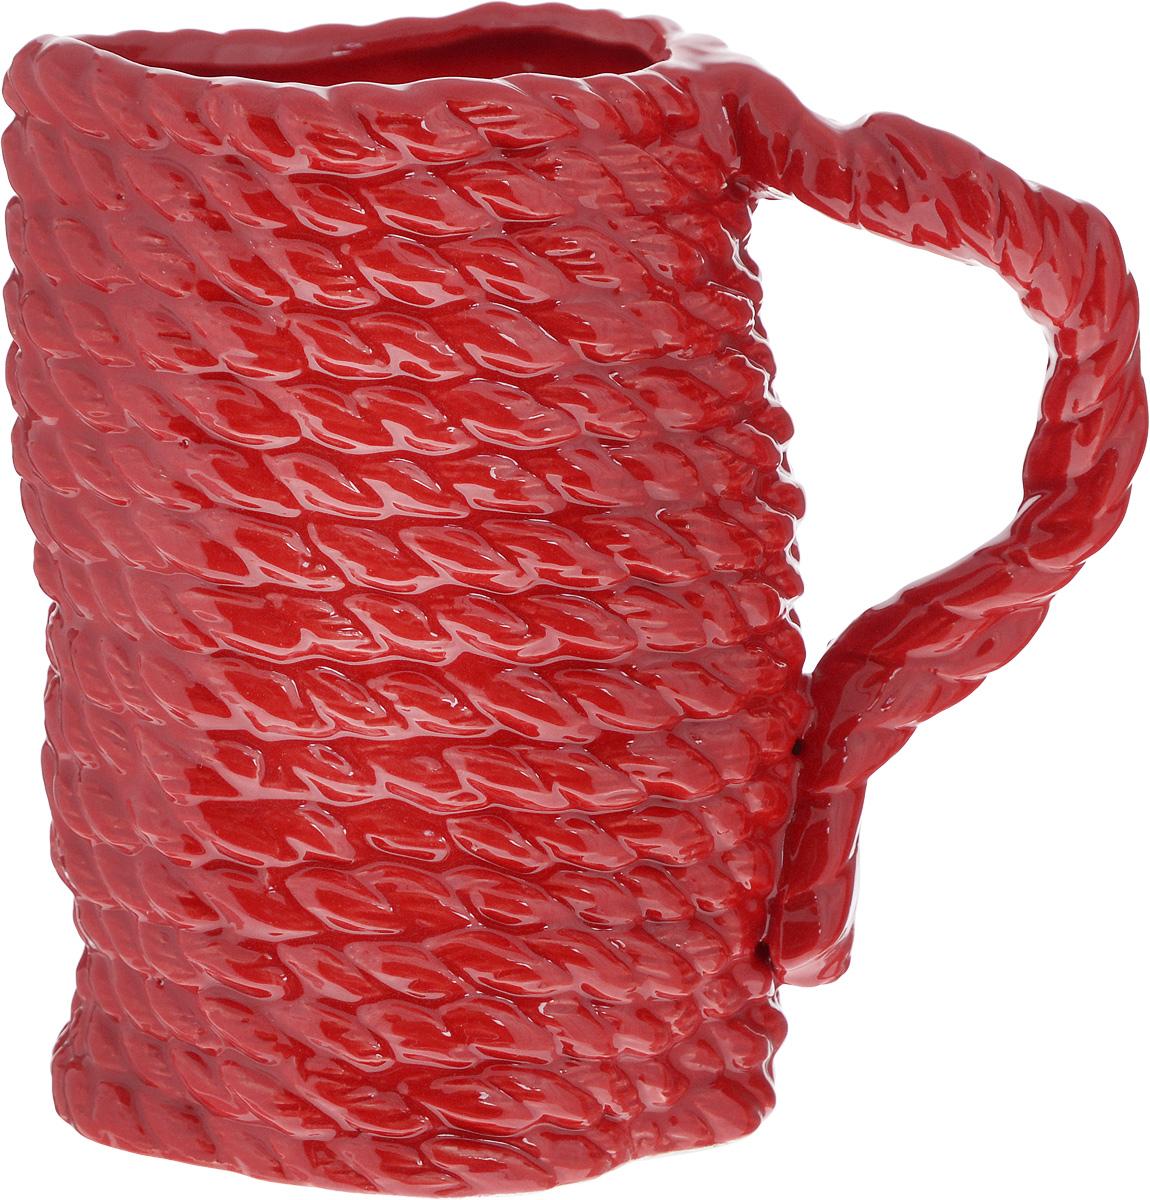 Ваза Феникс-Презент, высота 14 см36628Оригинальная ваза Феникс-презент, выполненная из керамики, станет отличным украшением интерьера и подчеркнет его изысканность. Керамическую вазу можно преподнести в качестве оригинального подарка или сувенира.